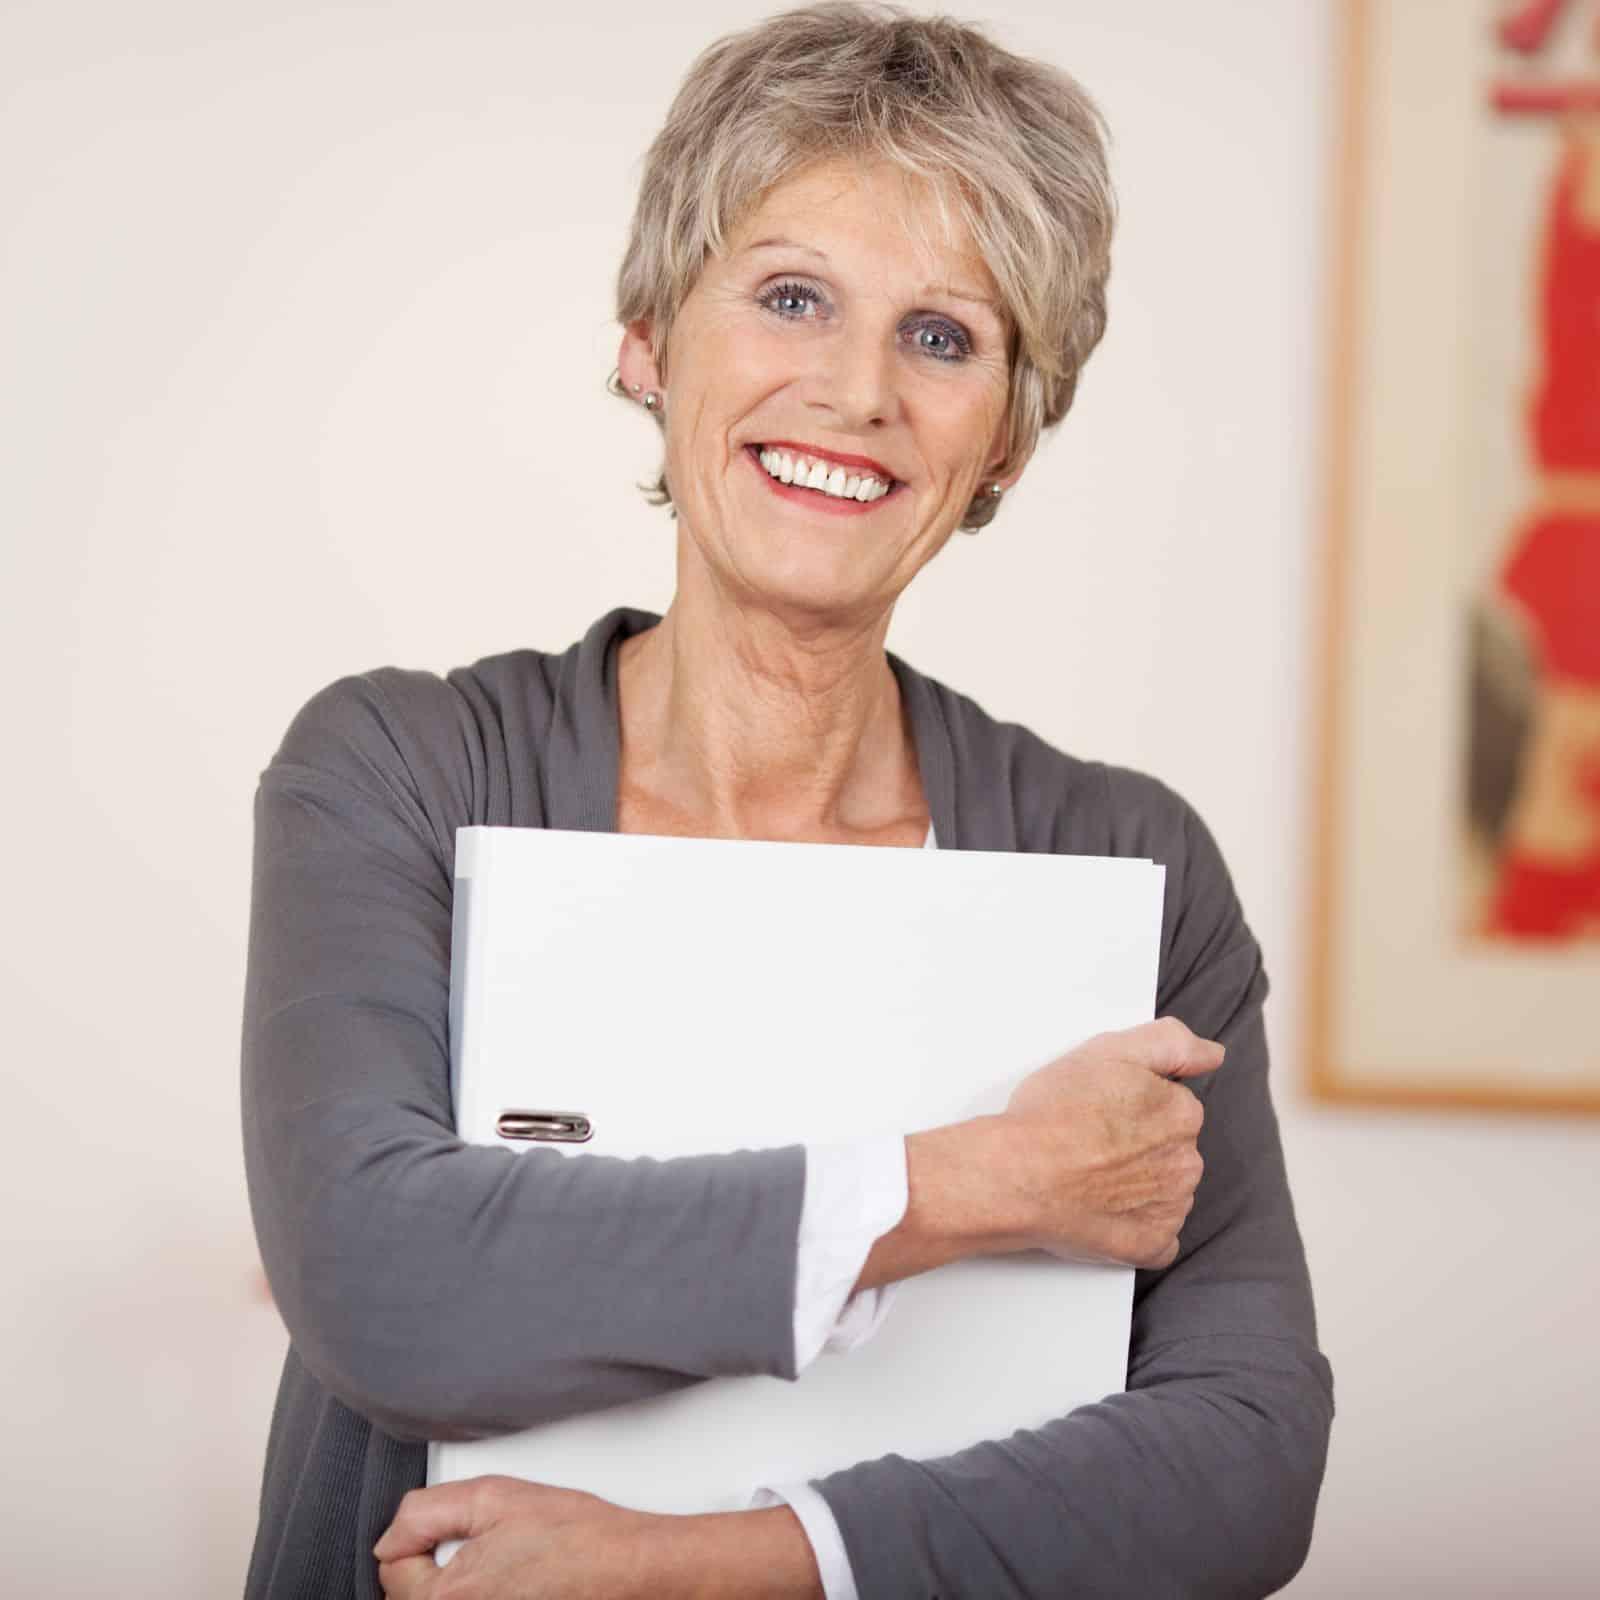 увольнение пенсионера по собственному желанию без отработки